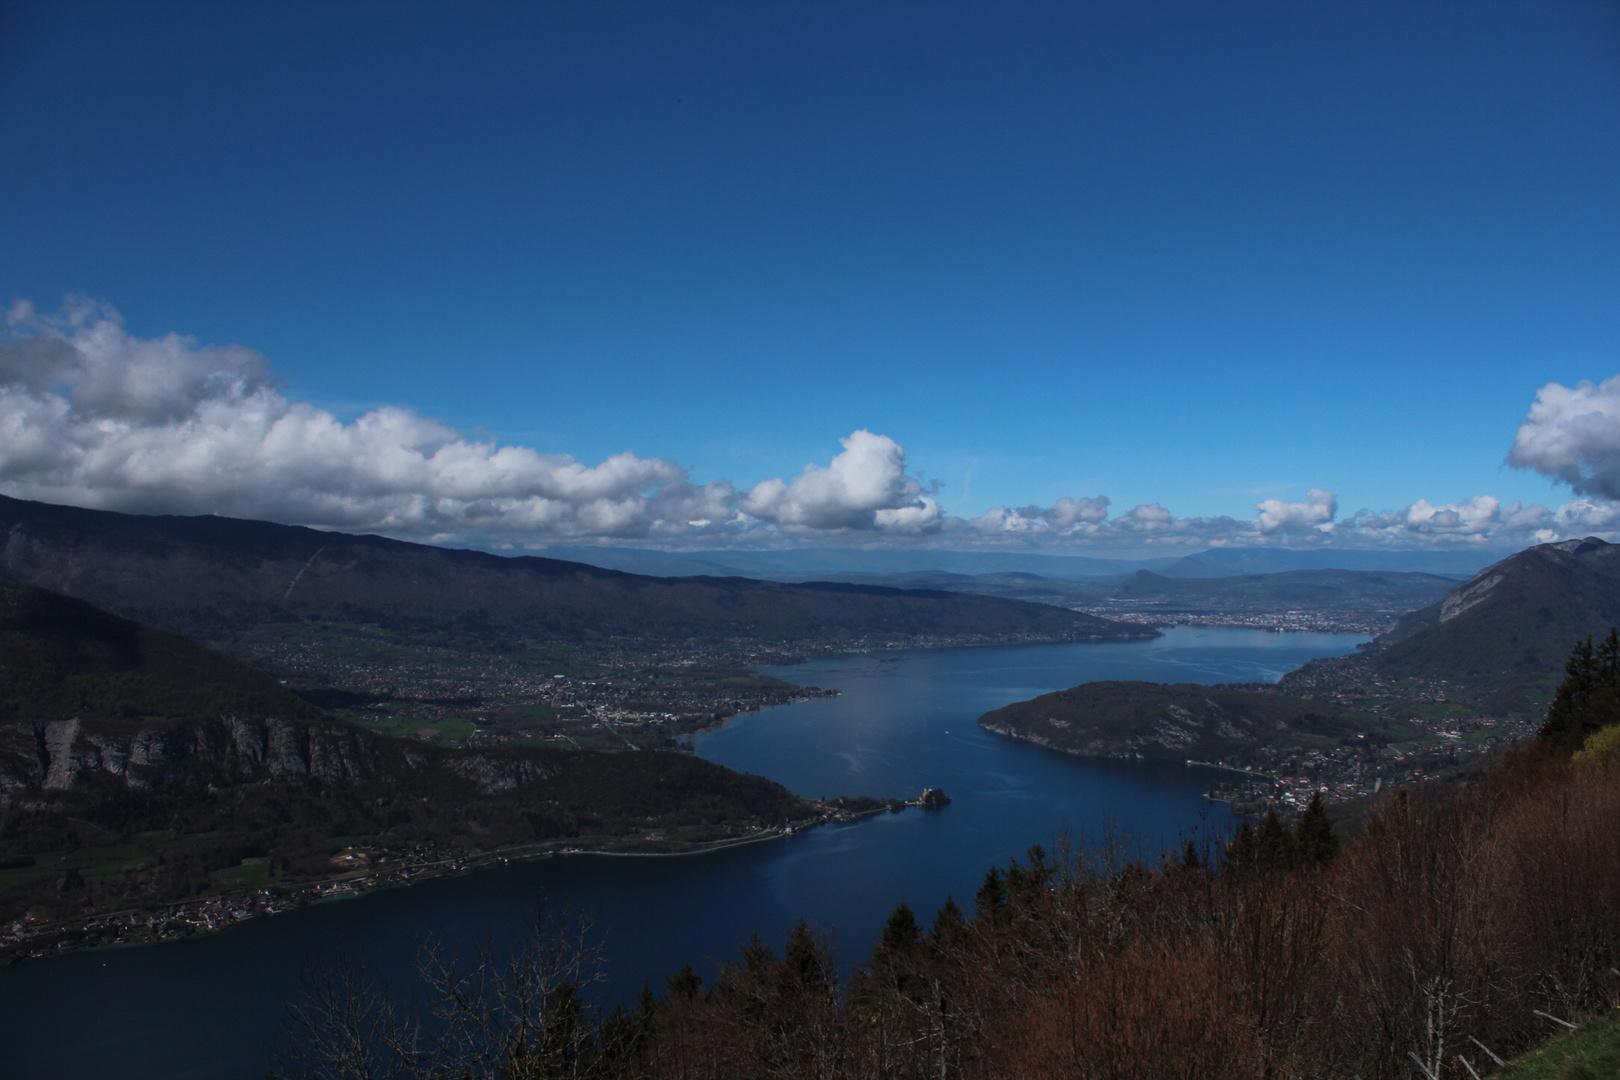 Le lac d'Annecy vue d'en haut